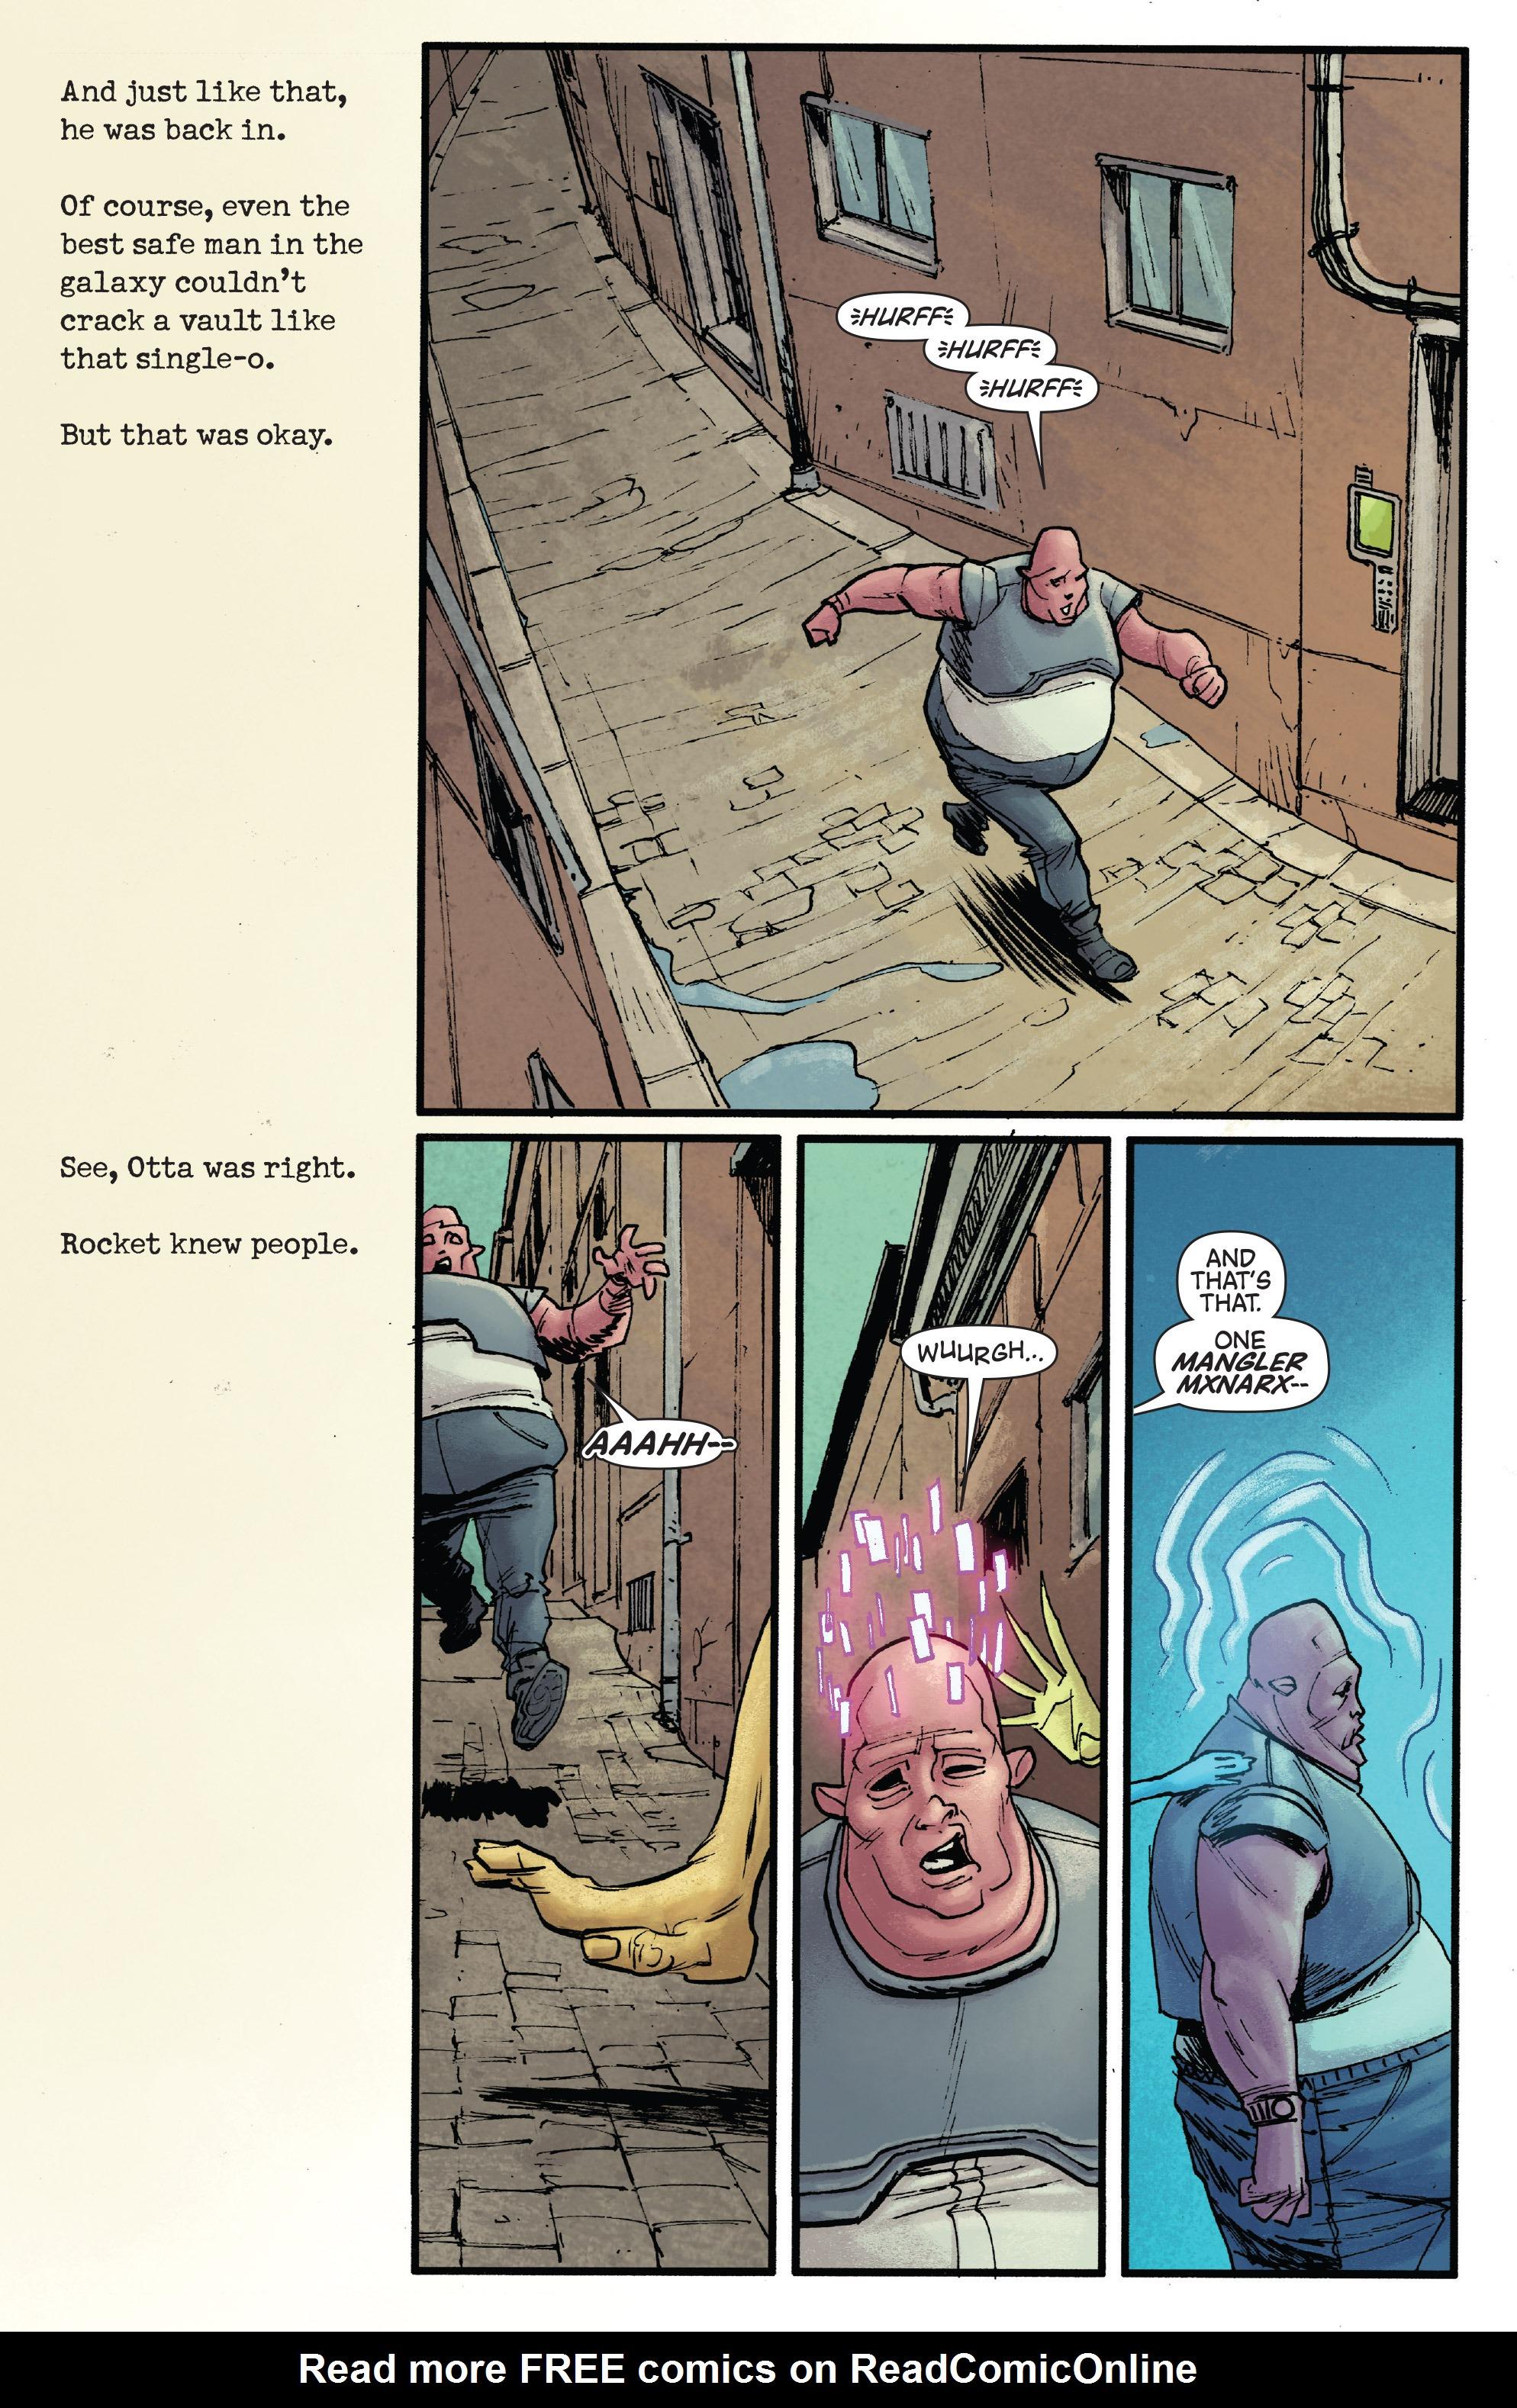 Read online Rocket comic -  Issue #1 - 12